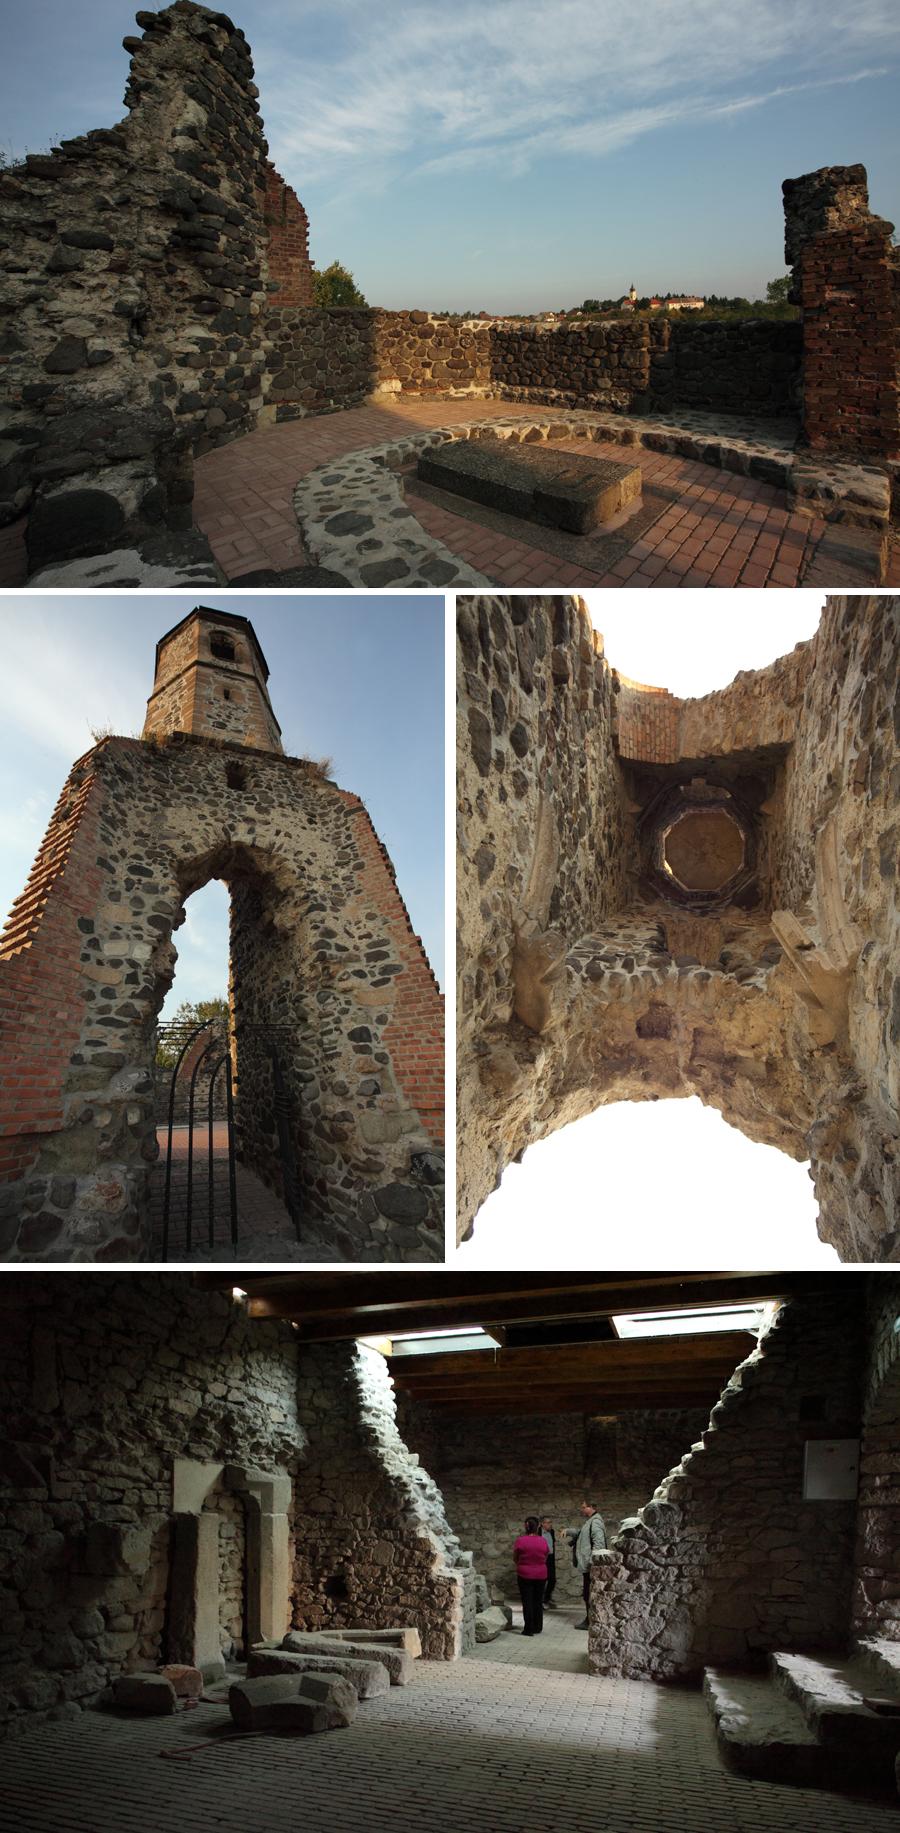 http://www.muemlekem.hu/images/magazin/20111019kisnana/03.jpg